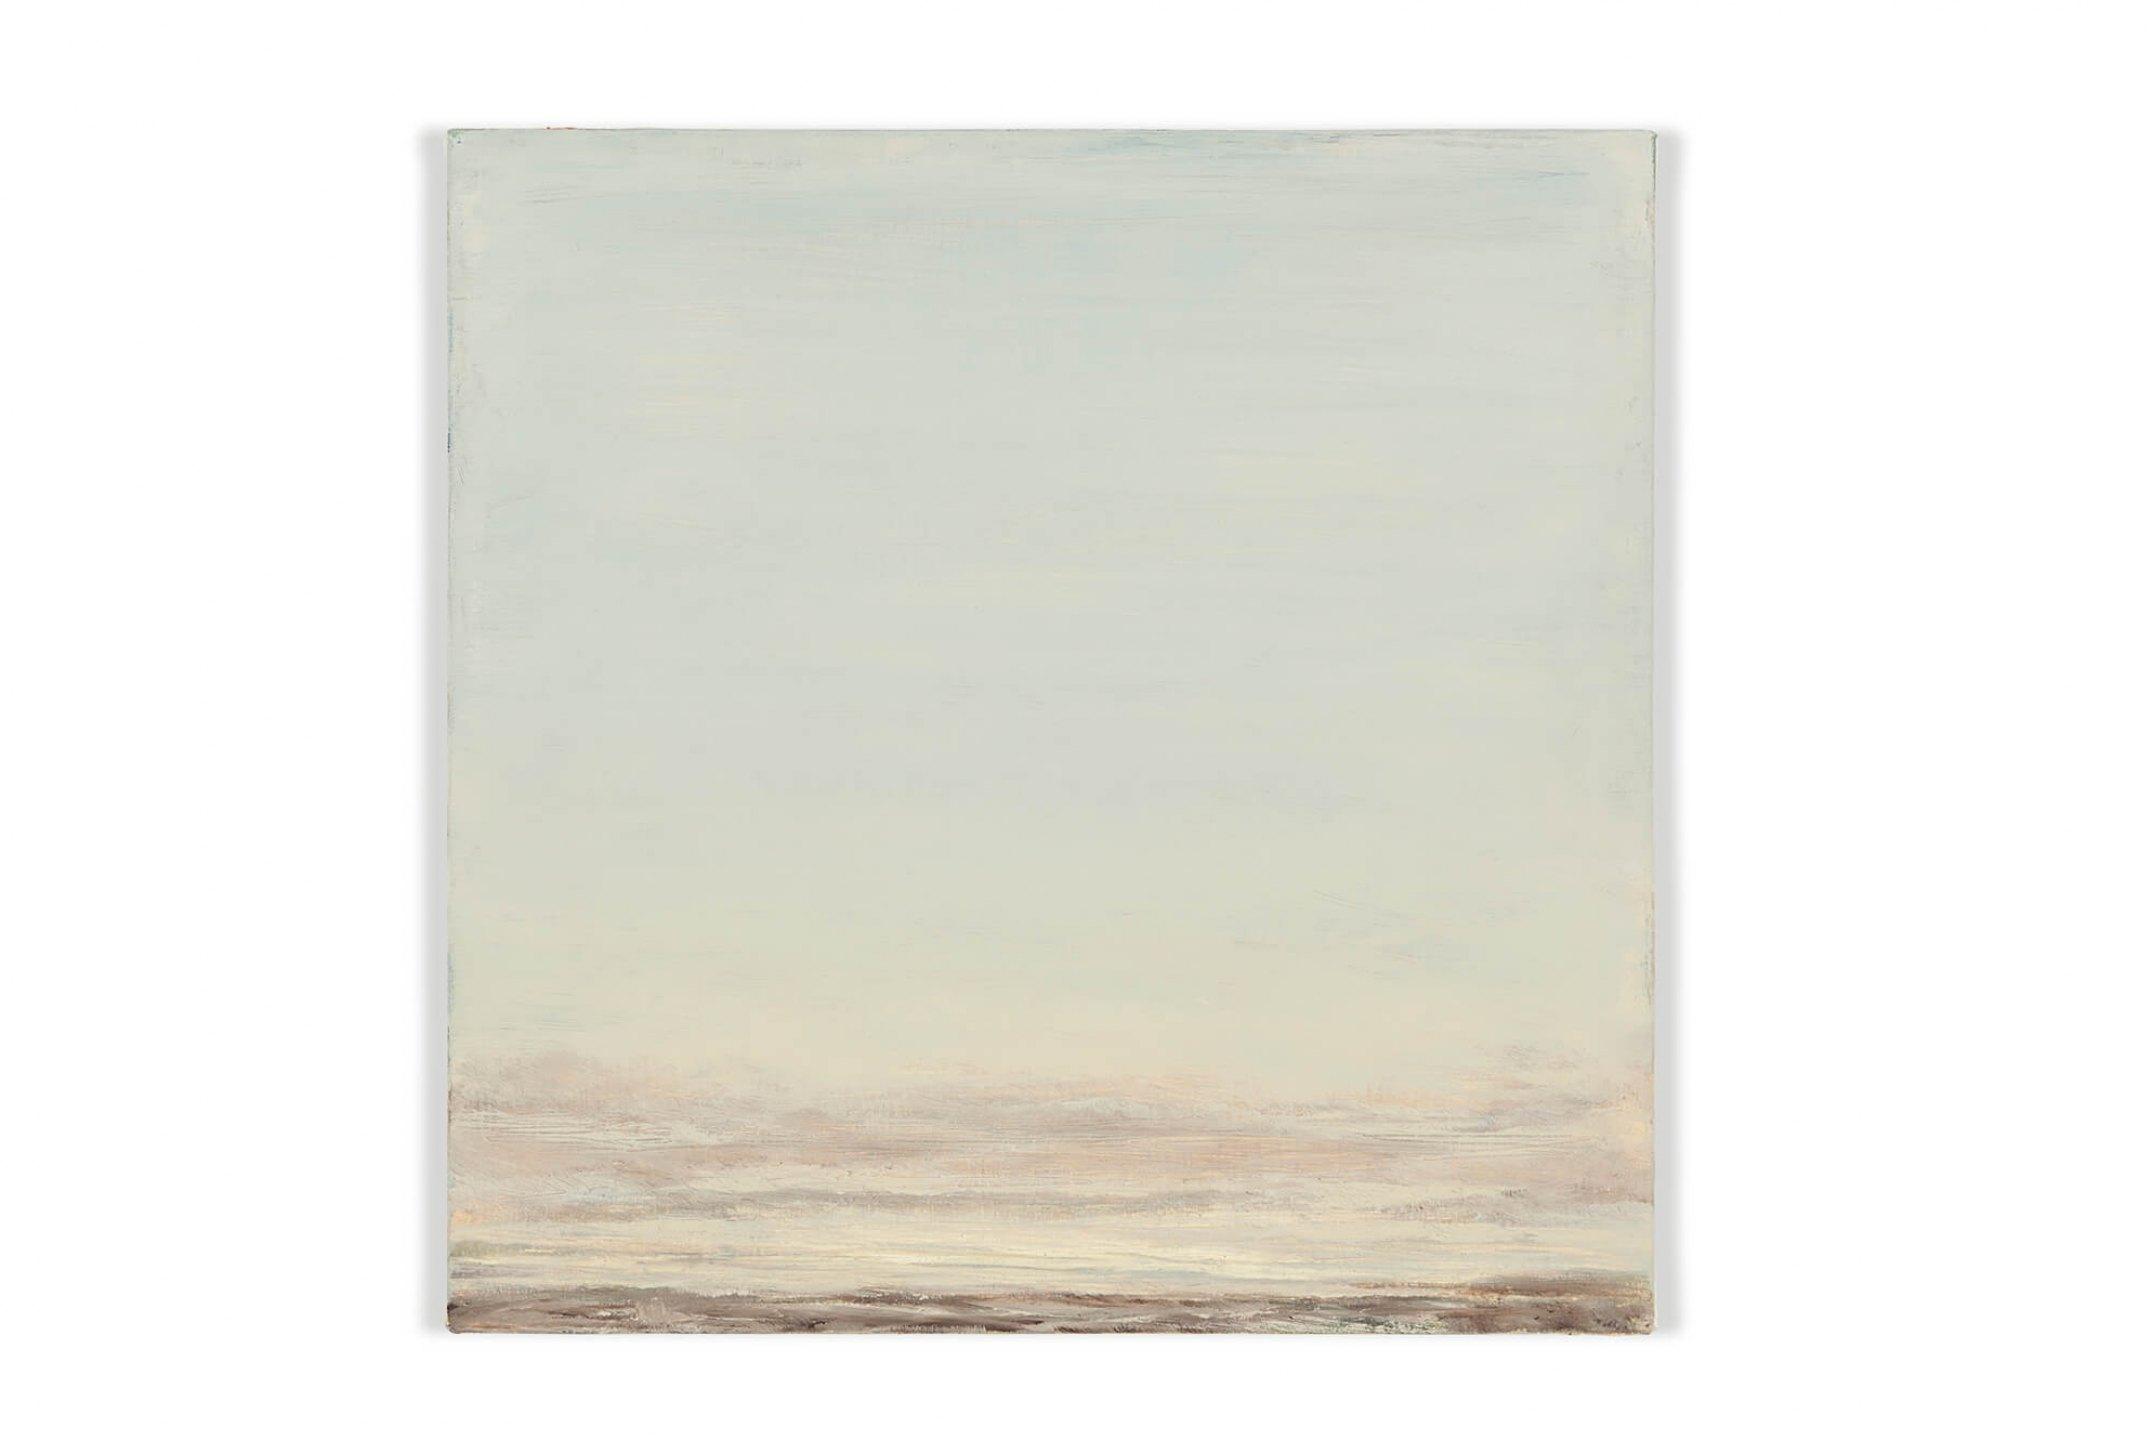 Lucas Arruda,<em>untitled</em>, 2013, oil on canvas, 30 × 30 cm - Mendes Wood DM